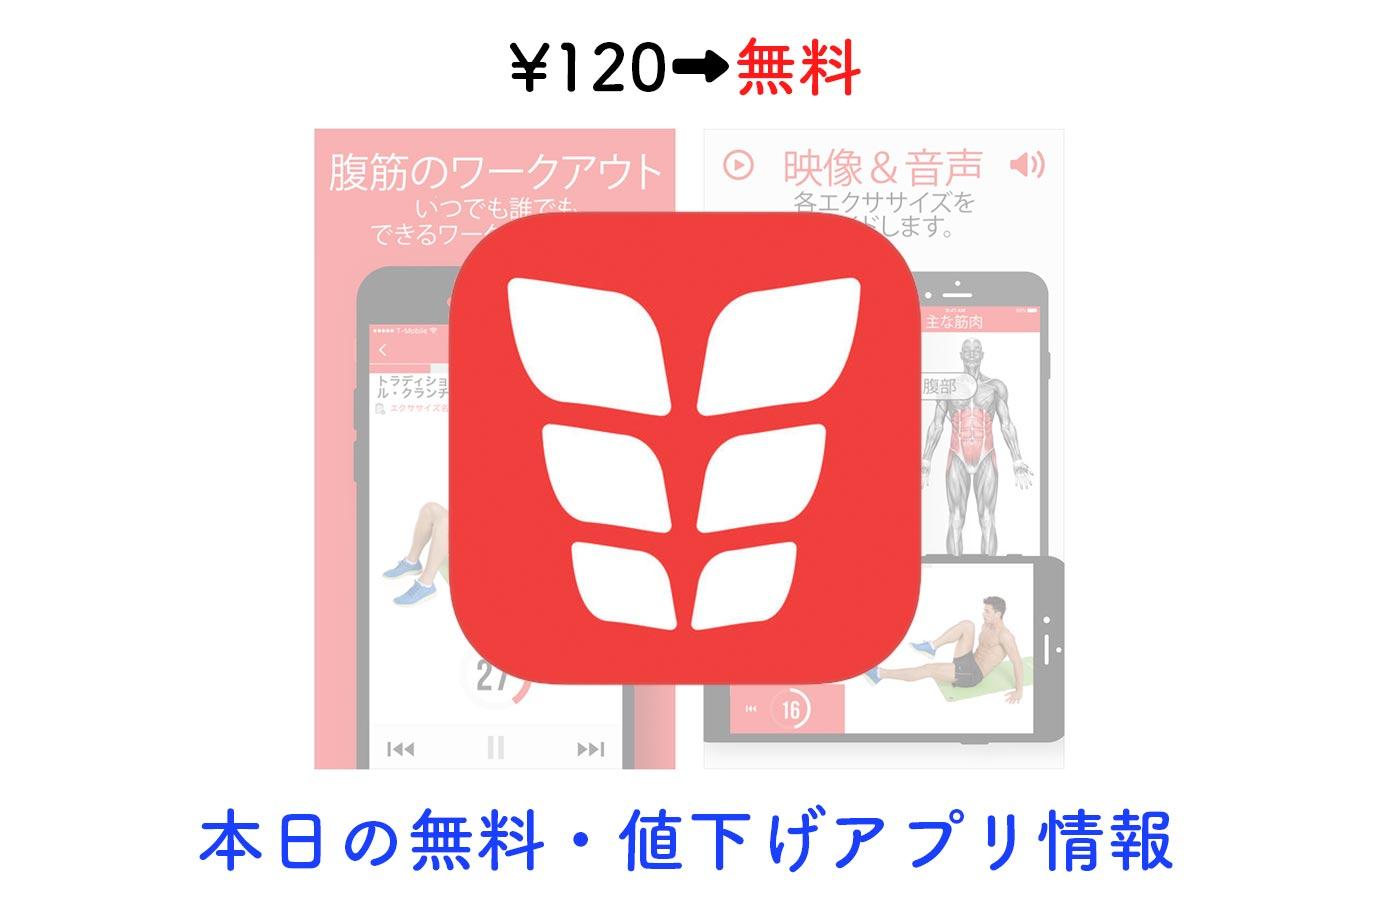 ¥120→無料、腹筋を鍛えられるエクササイズアプリ「Six Pack ABS by VGFiT」など【10/18】本日の無料・値下げアプリ情報